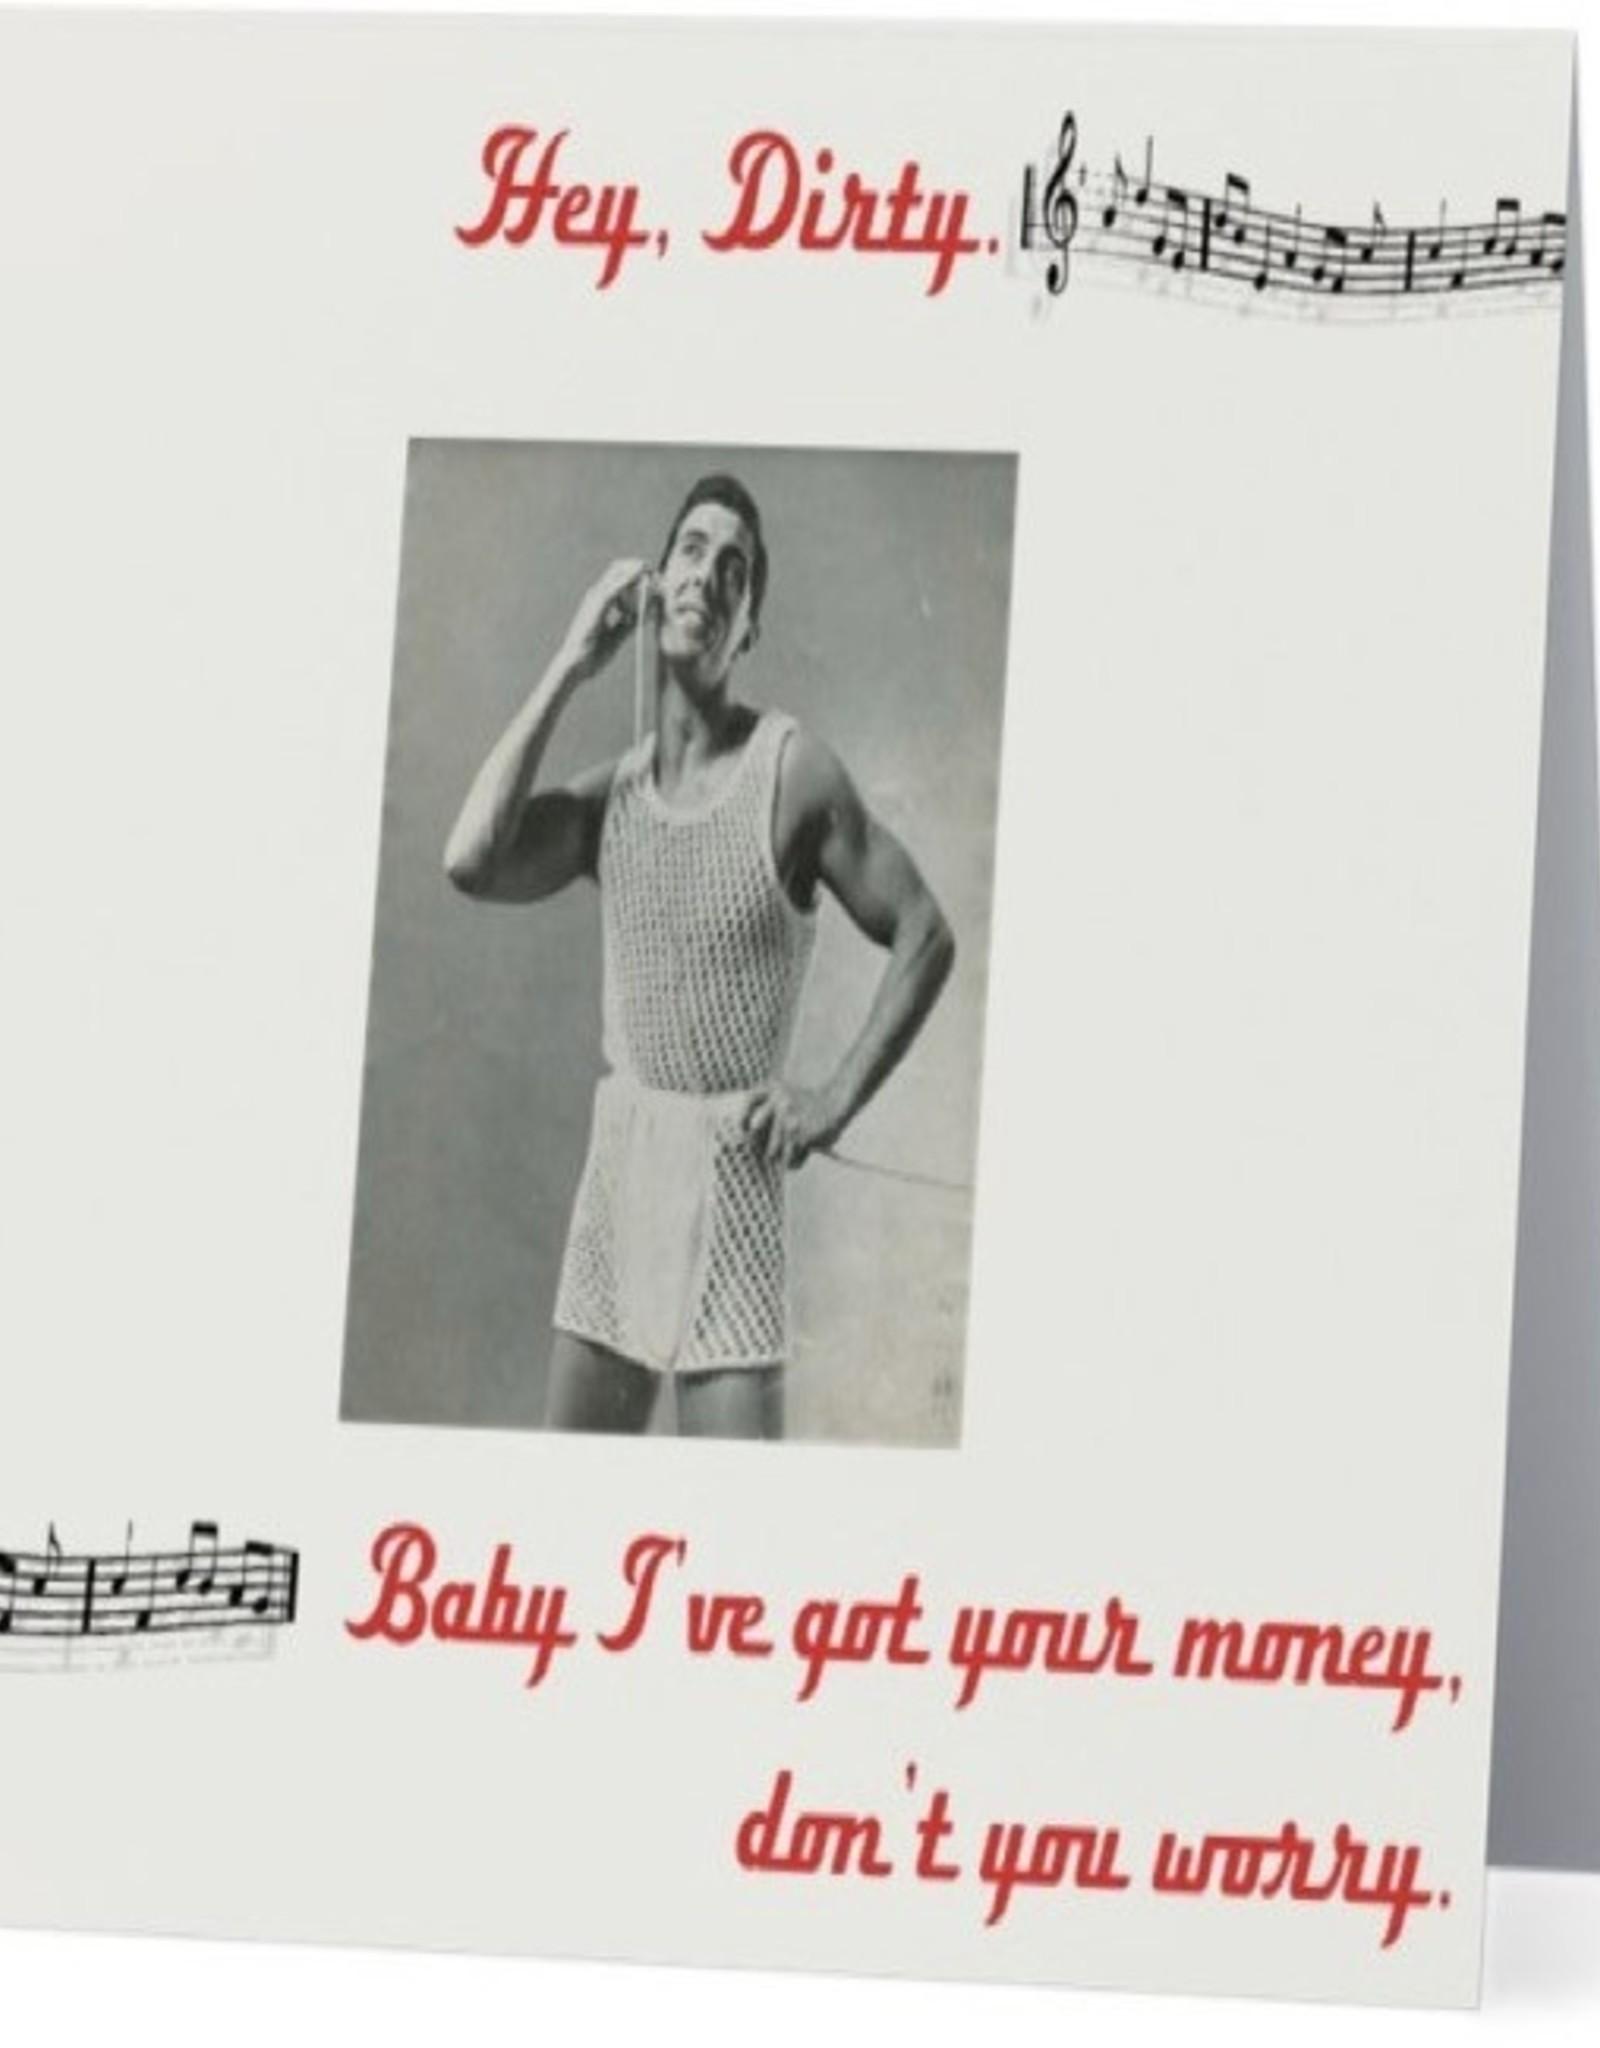 Card #079 - Hey Dirty